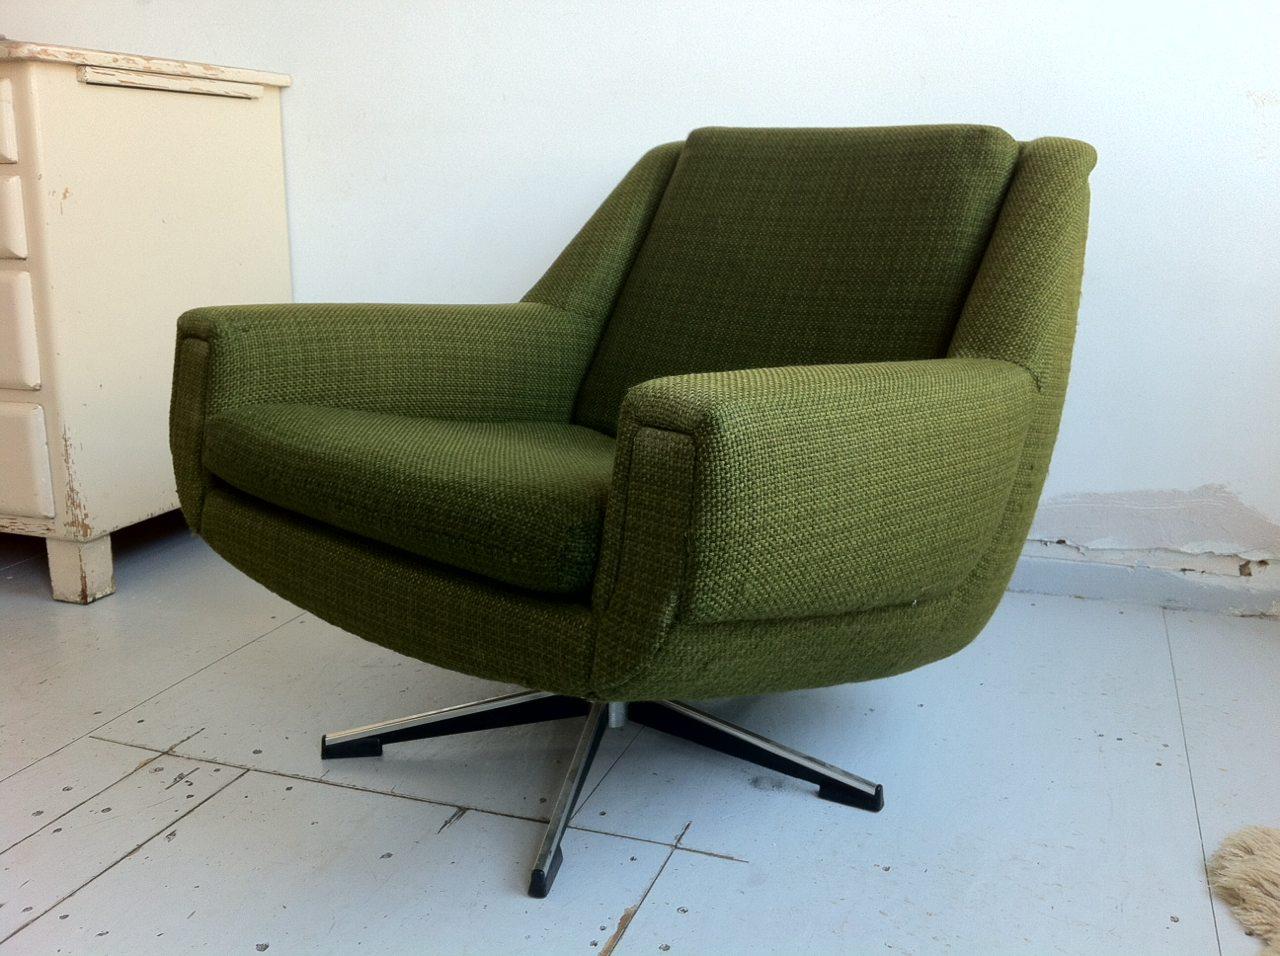 Vintage fauteuil draaistoel groene stof met sterpoot gebroeders van duijn - Lederen fauteuil huis van de wereld ...